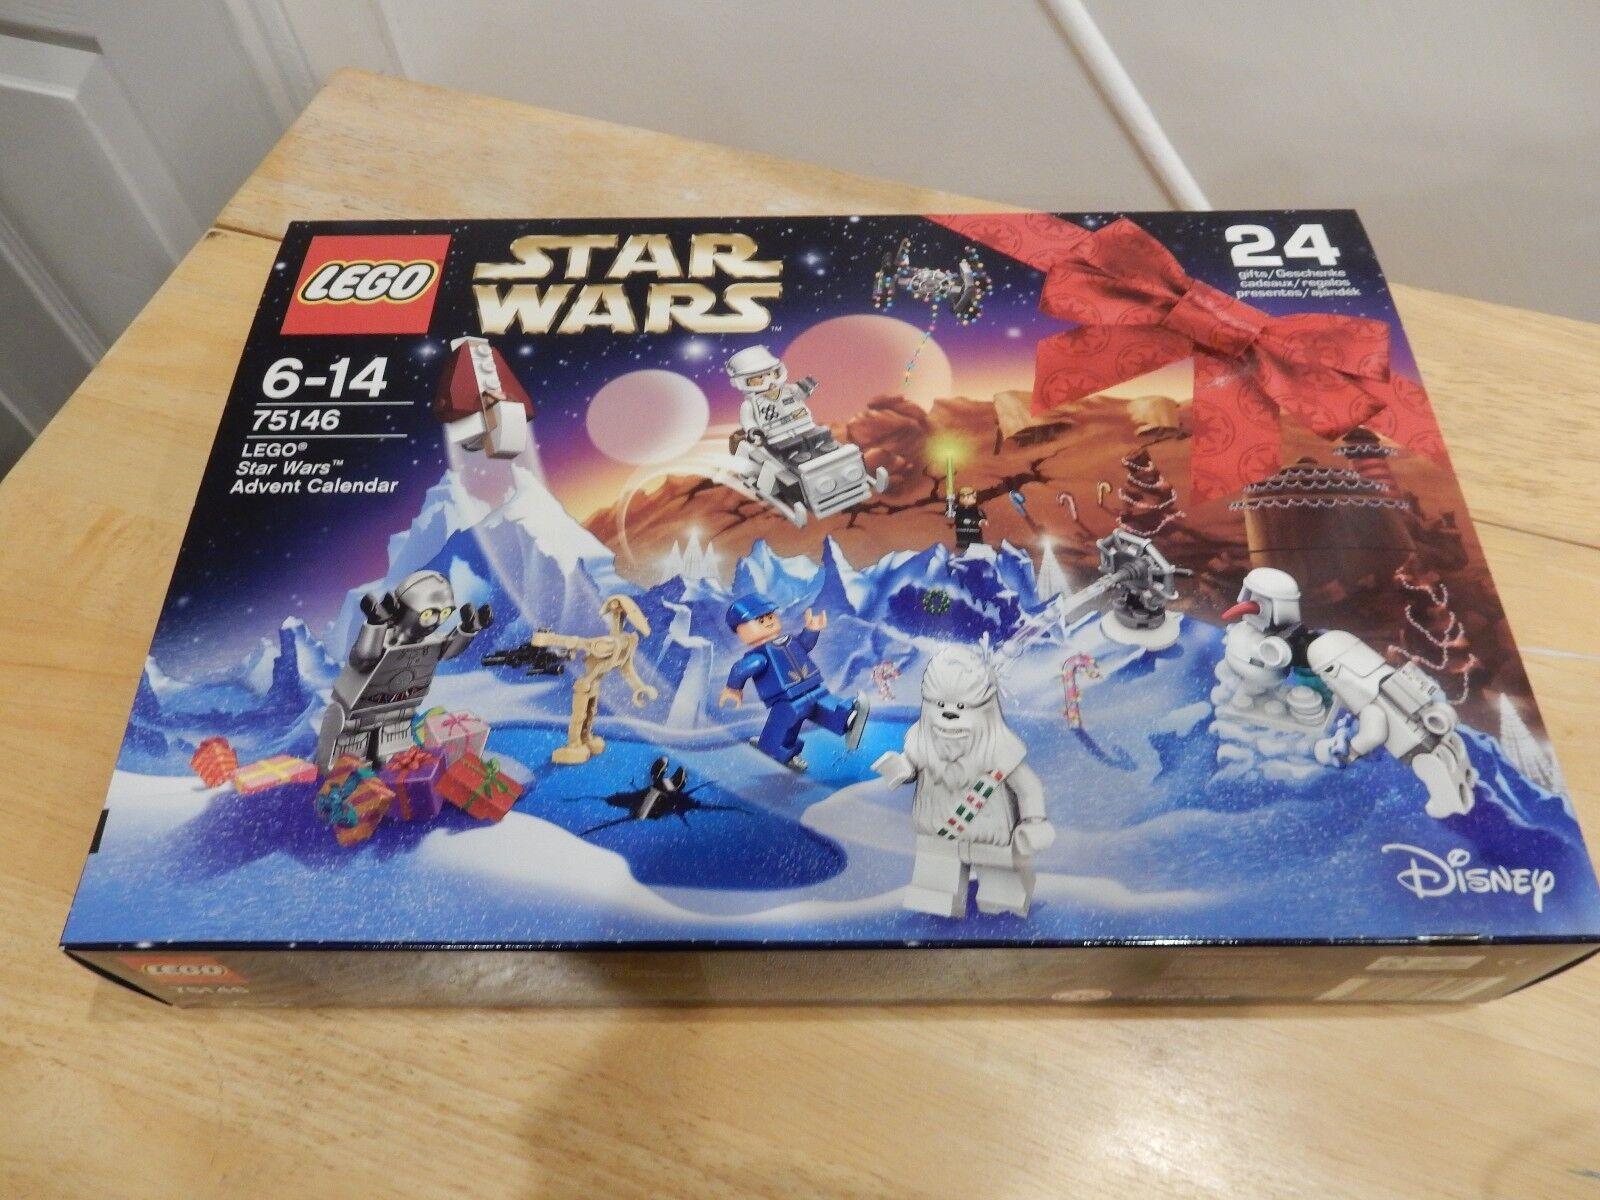 LEGO 75146 Star Wars calendario avvento NUOVO SIGILLATO 2016 COMPLETO